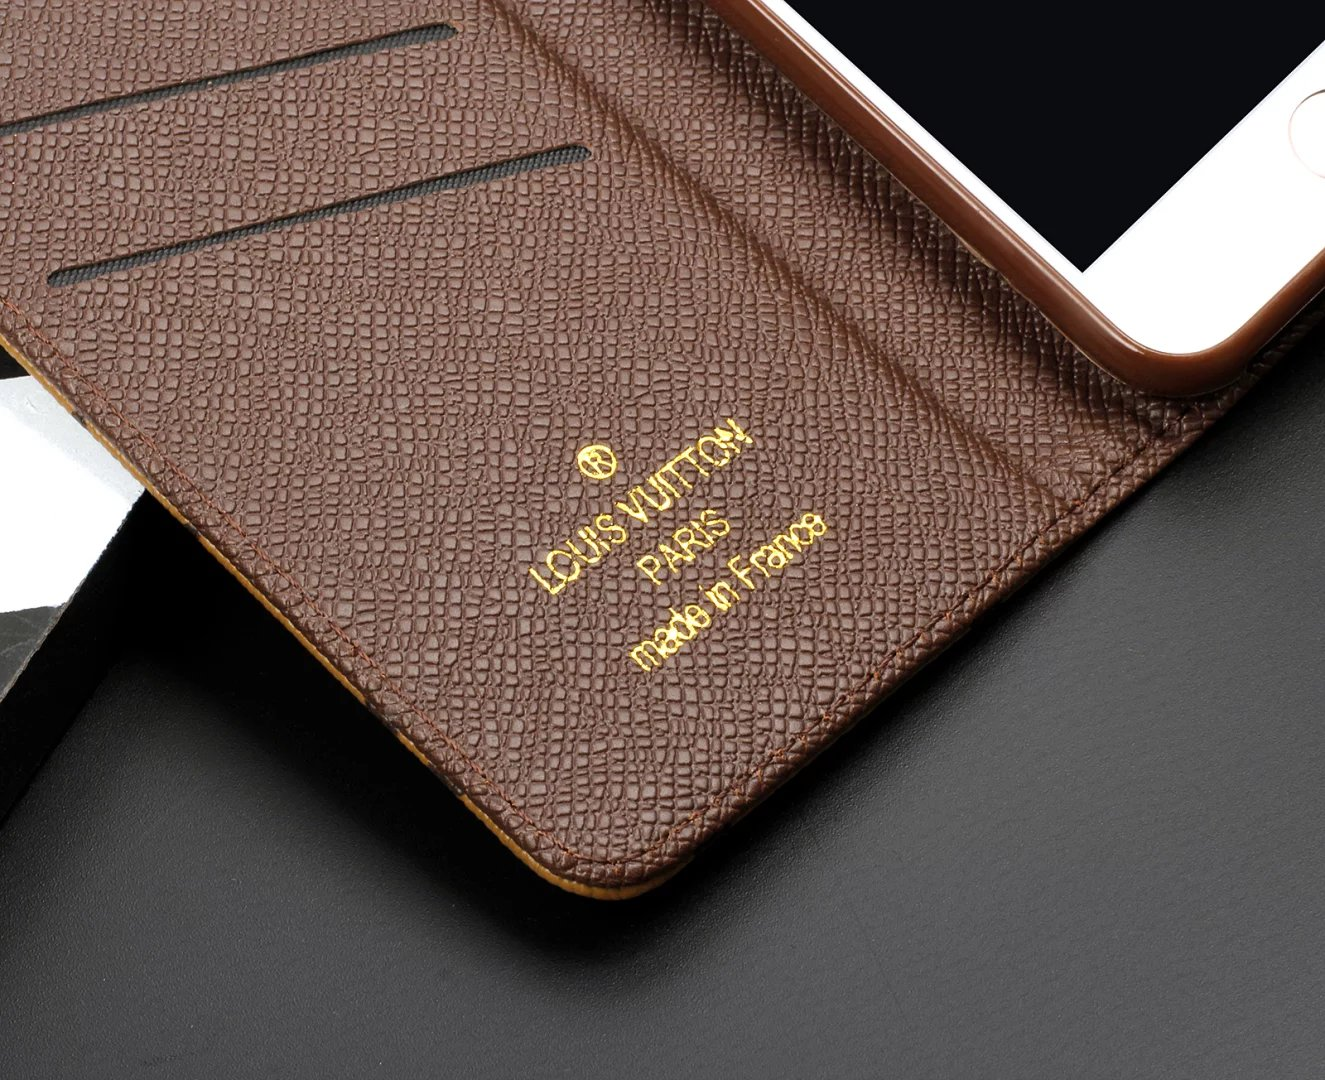 original iphone hülle lederhülle iphone Louis Vuitton iphone 8 hüllen iphone 8 verkaufen schutzhülle gestalten apple iphone gerüchte handyhülle 8lbst gestalten silikon iphone 8 vergleich handy cover 8lbst erstellen